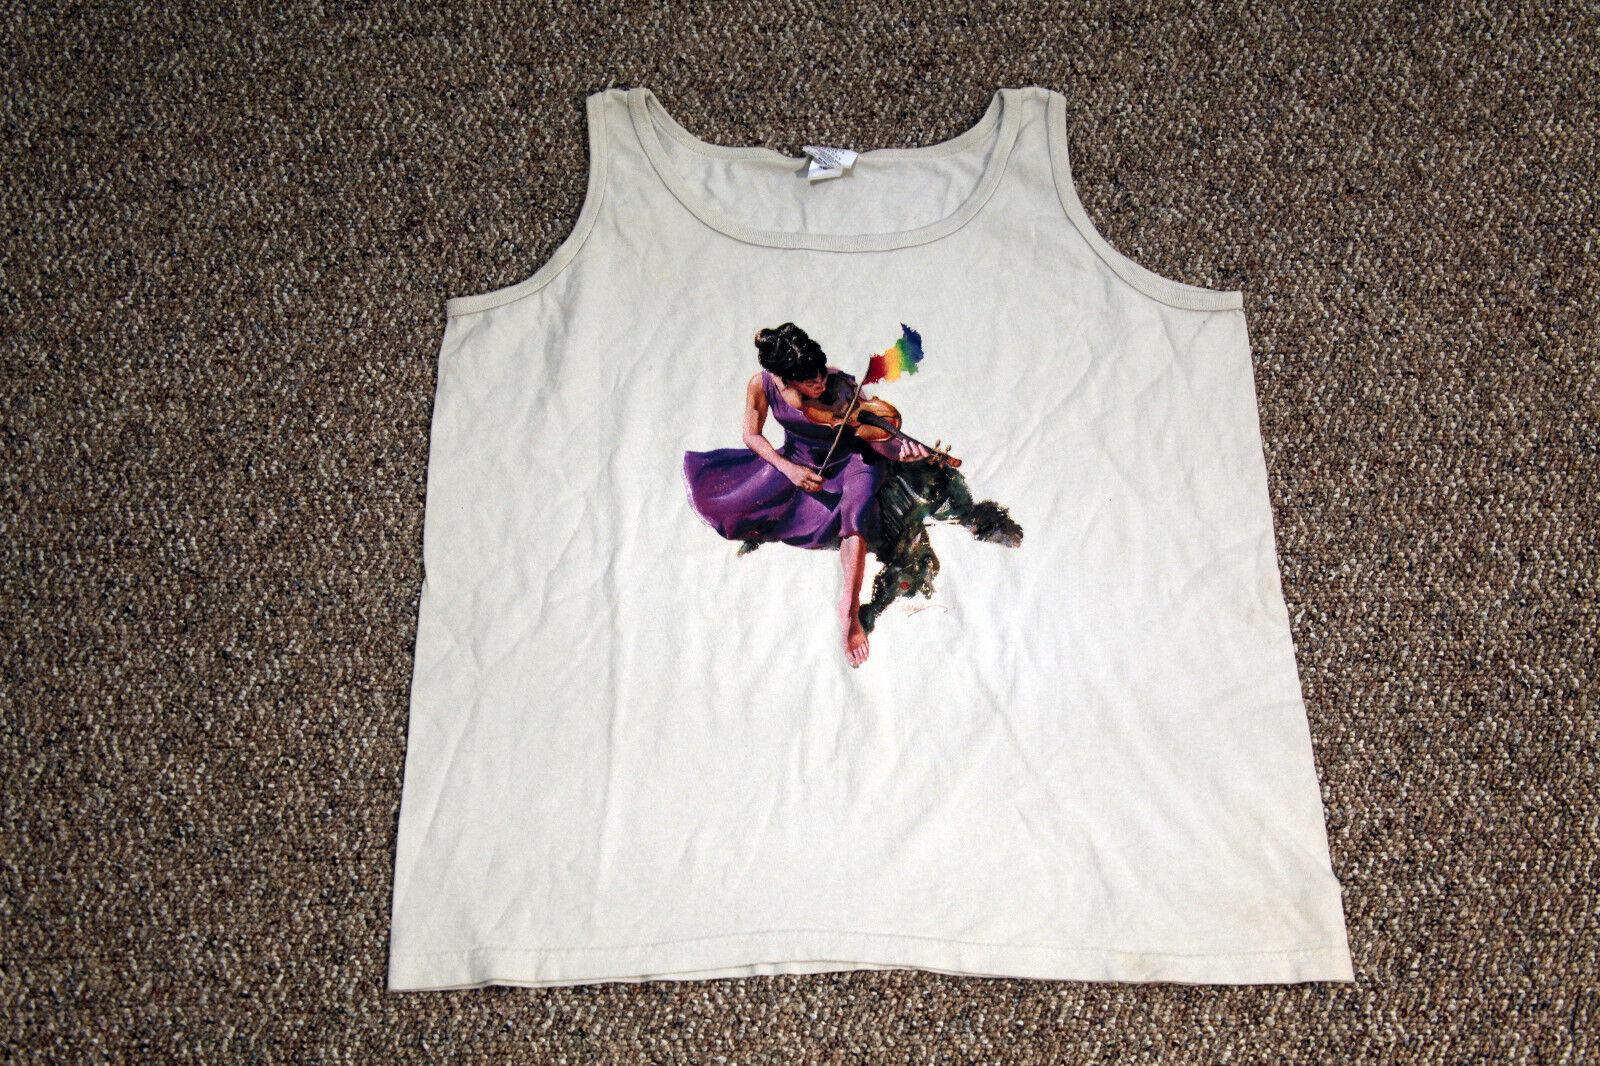 Vintage 26th Annual 1989 Telluride Blaugrass Festival Tank Top T-Shirt XL